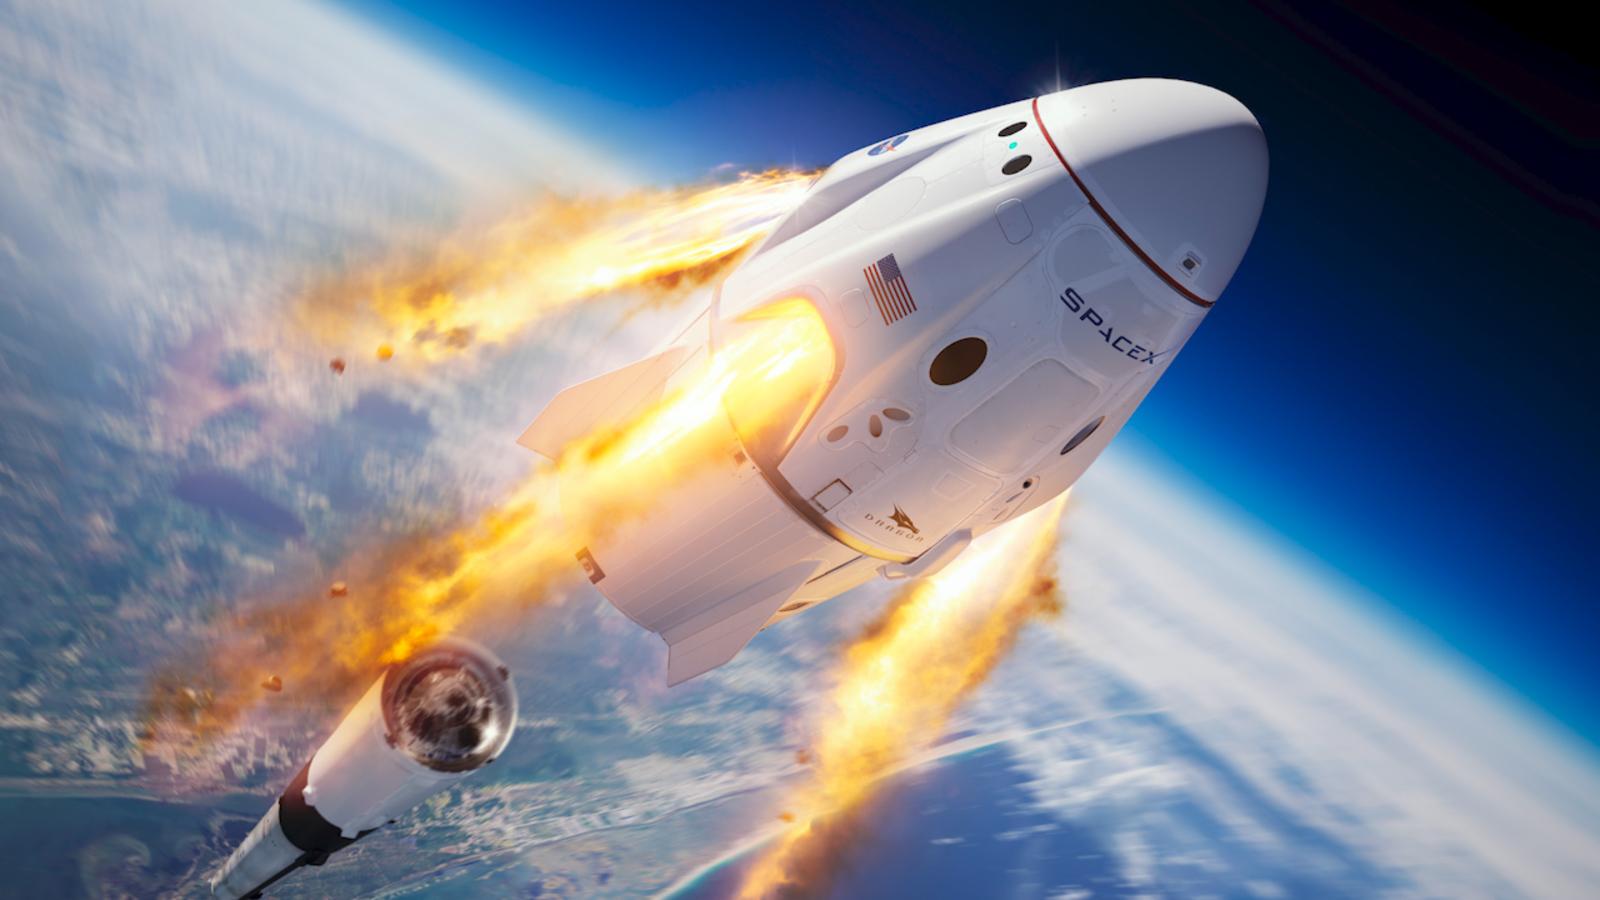 Επέστρεψε στη Γη η διαστημική κάψουλα της SpaceX με τέσσερις αστροναύτες  από τον Διεθνή Διαστημικό Σταθμό (ISS) :: left.gr